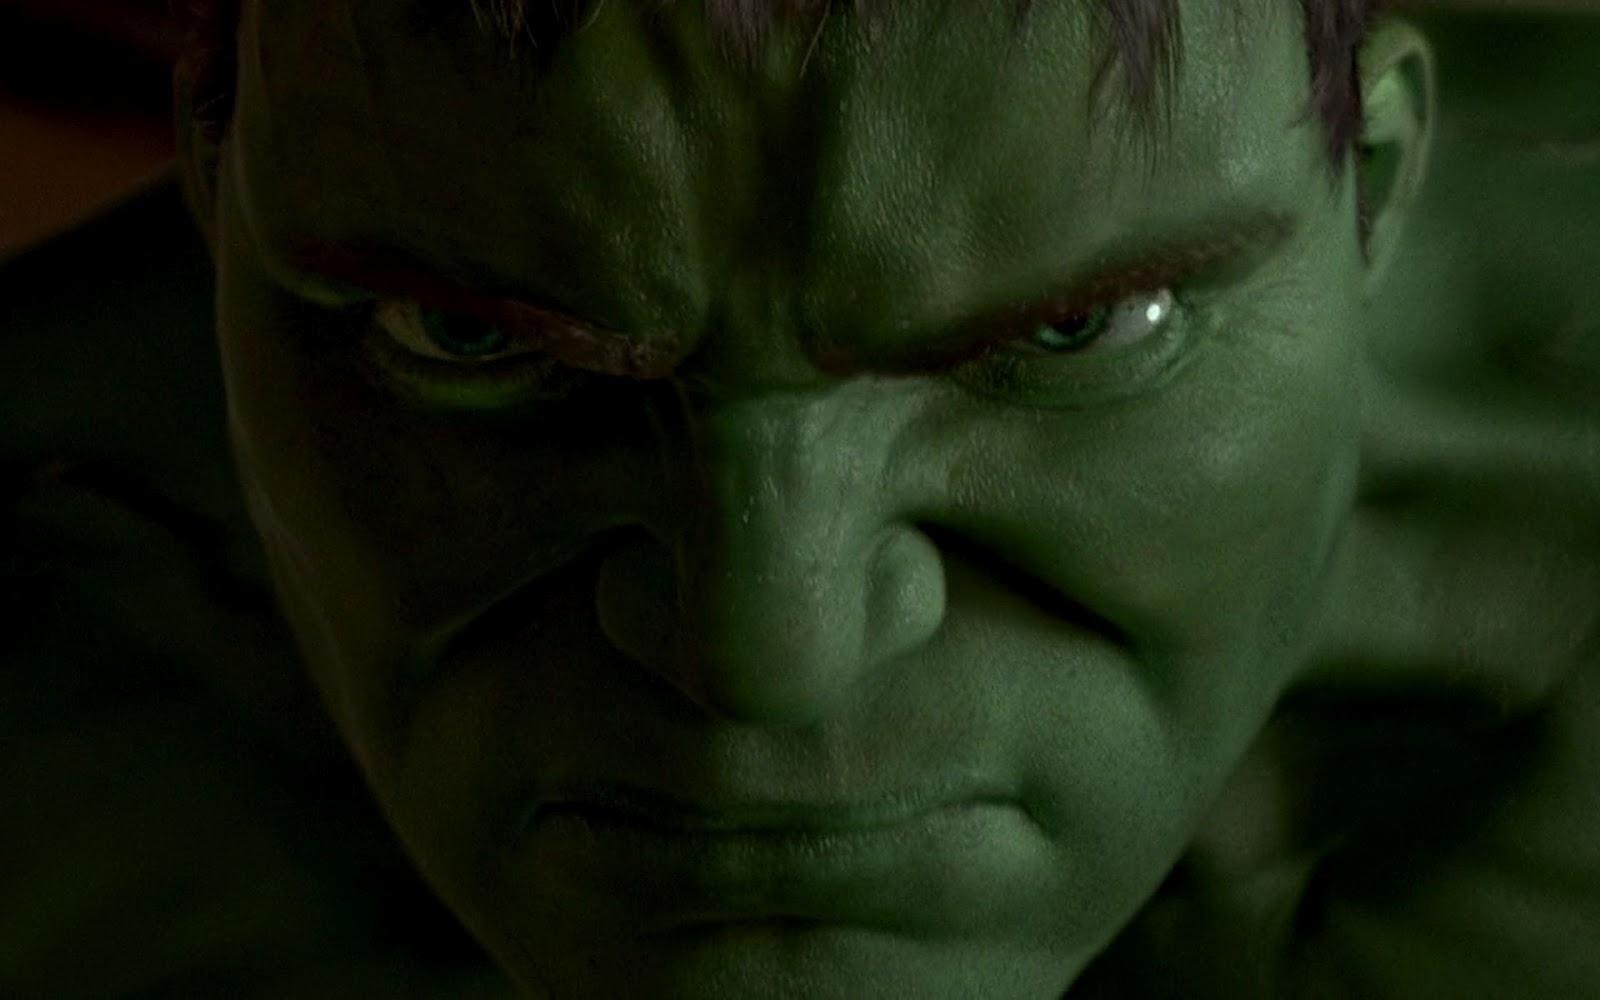 The Incredible Hulk Wallpaper